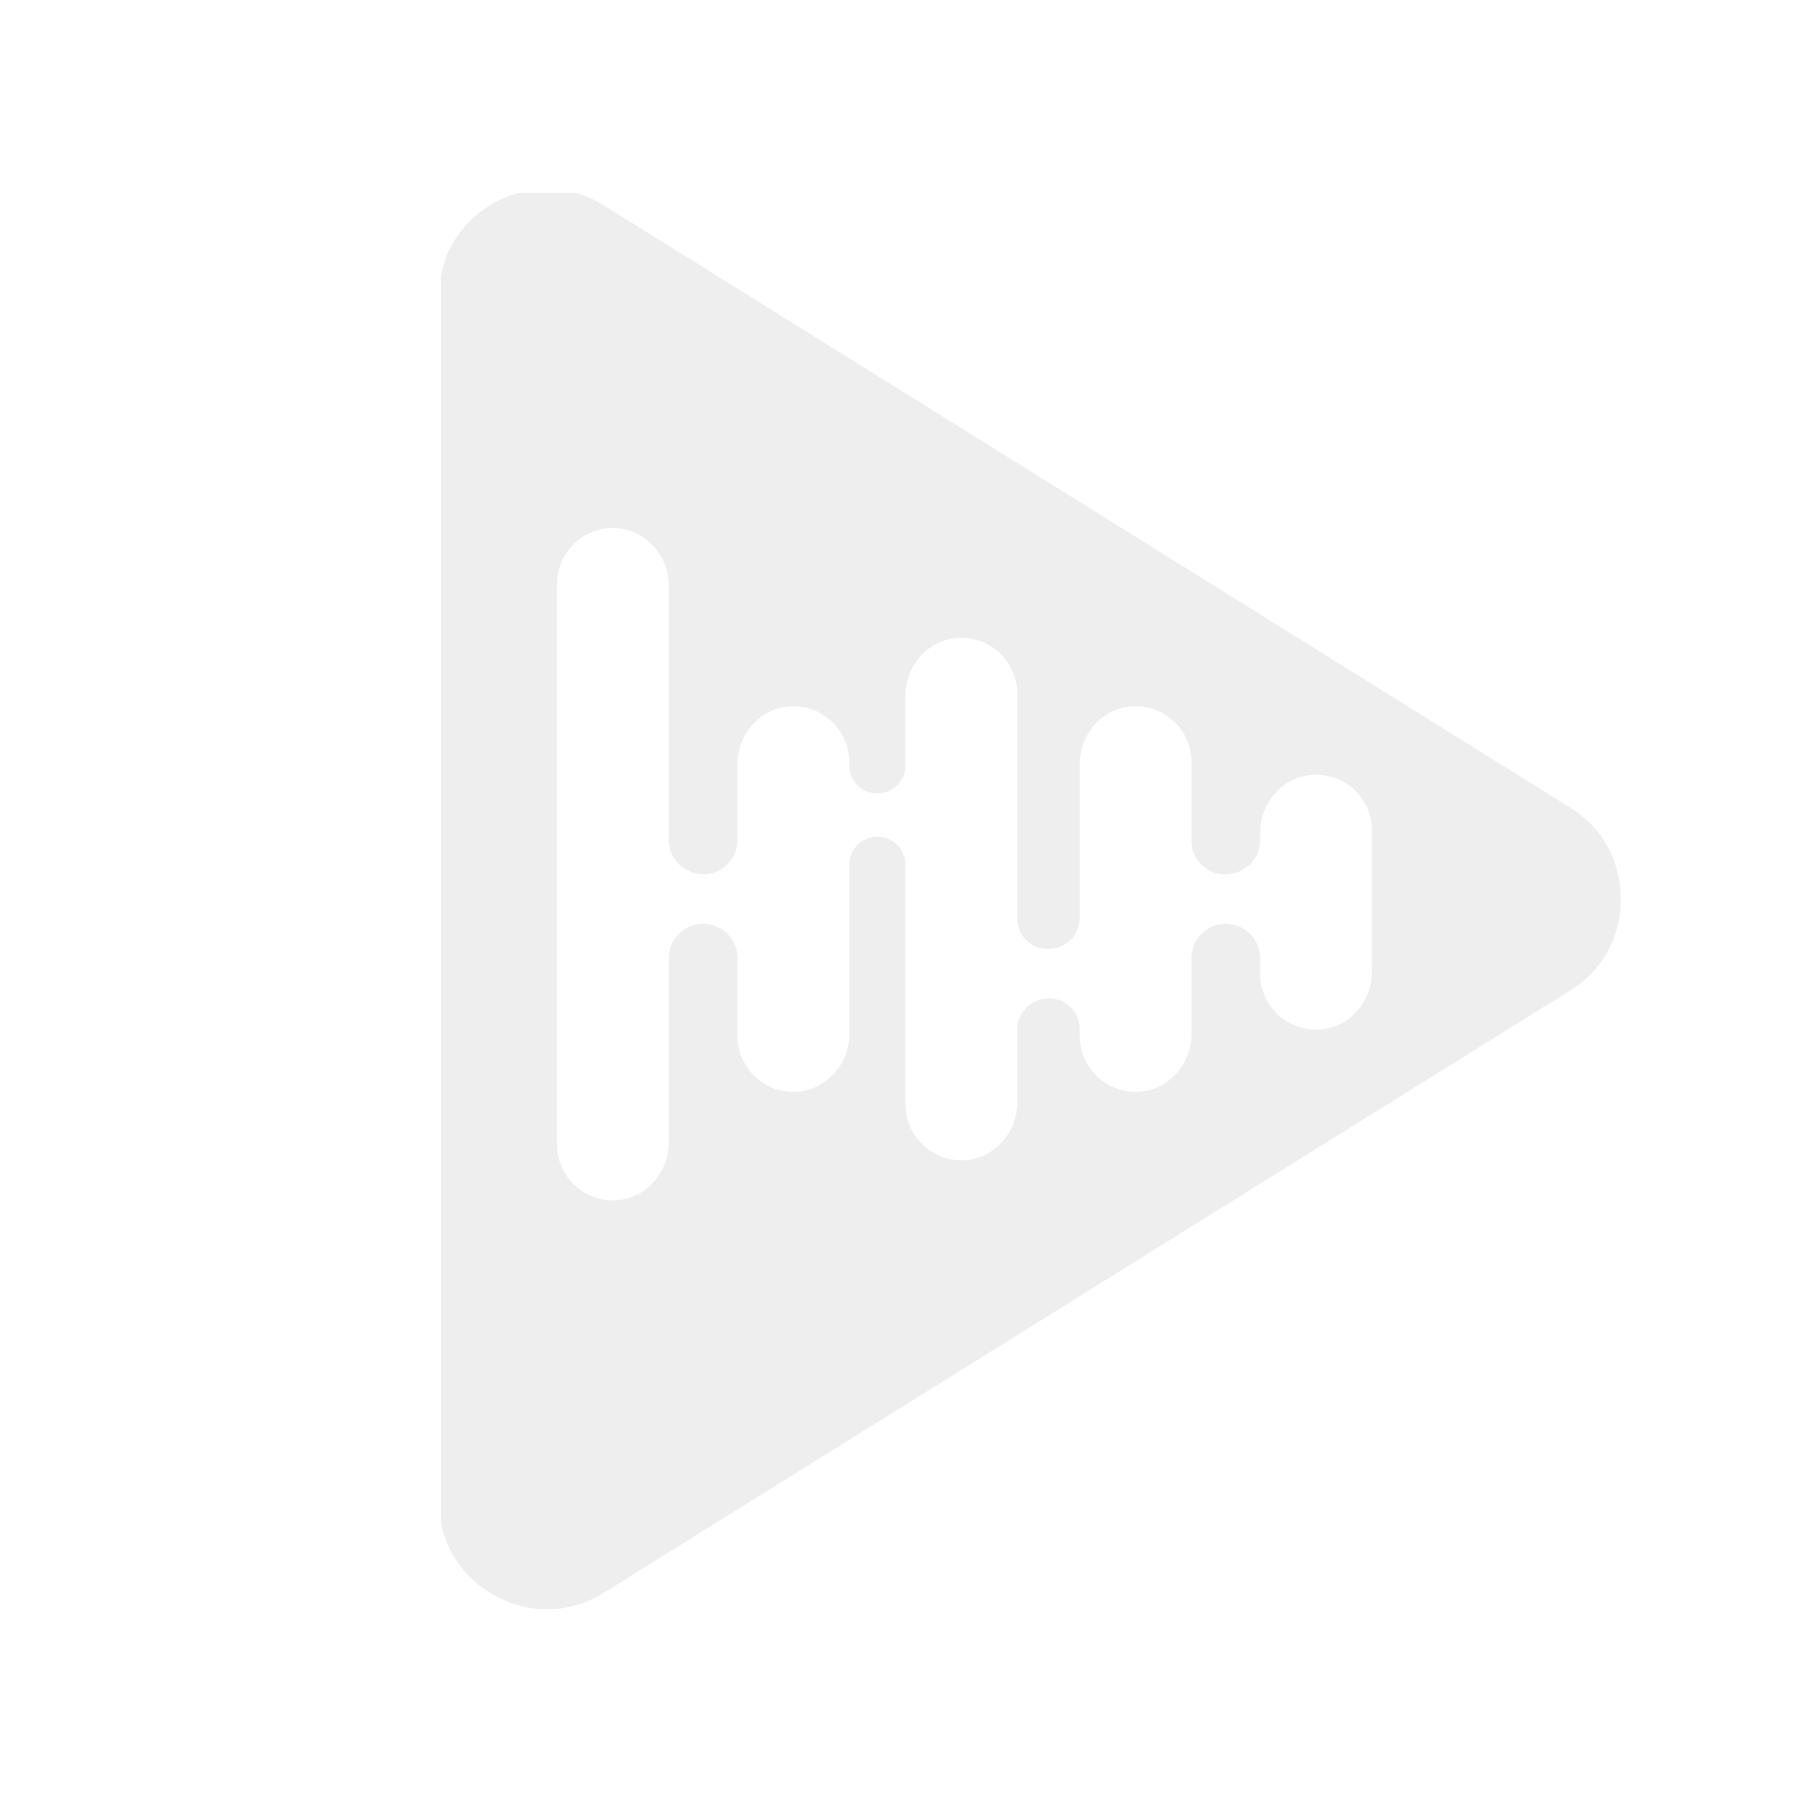 ACV 42SDC001